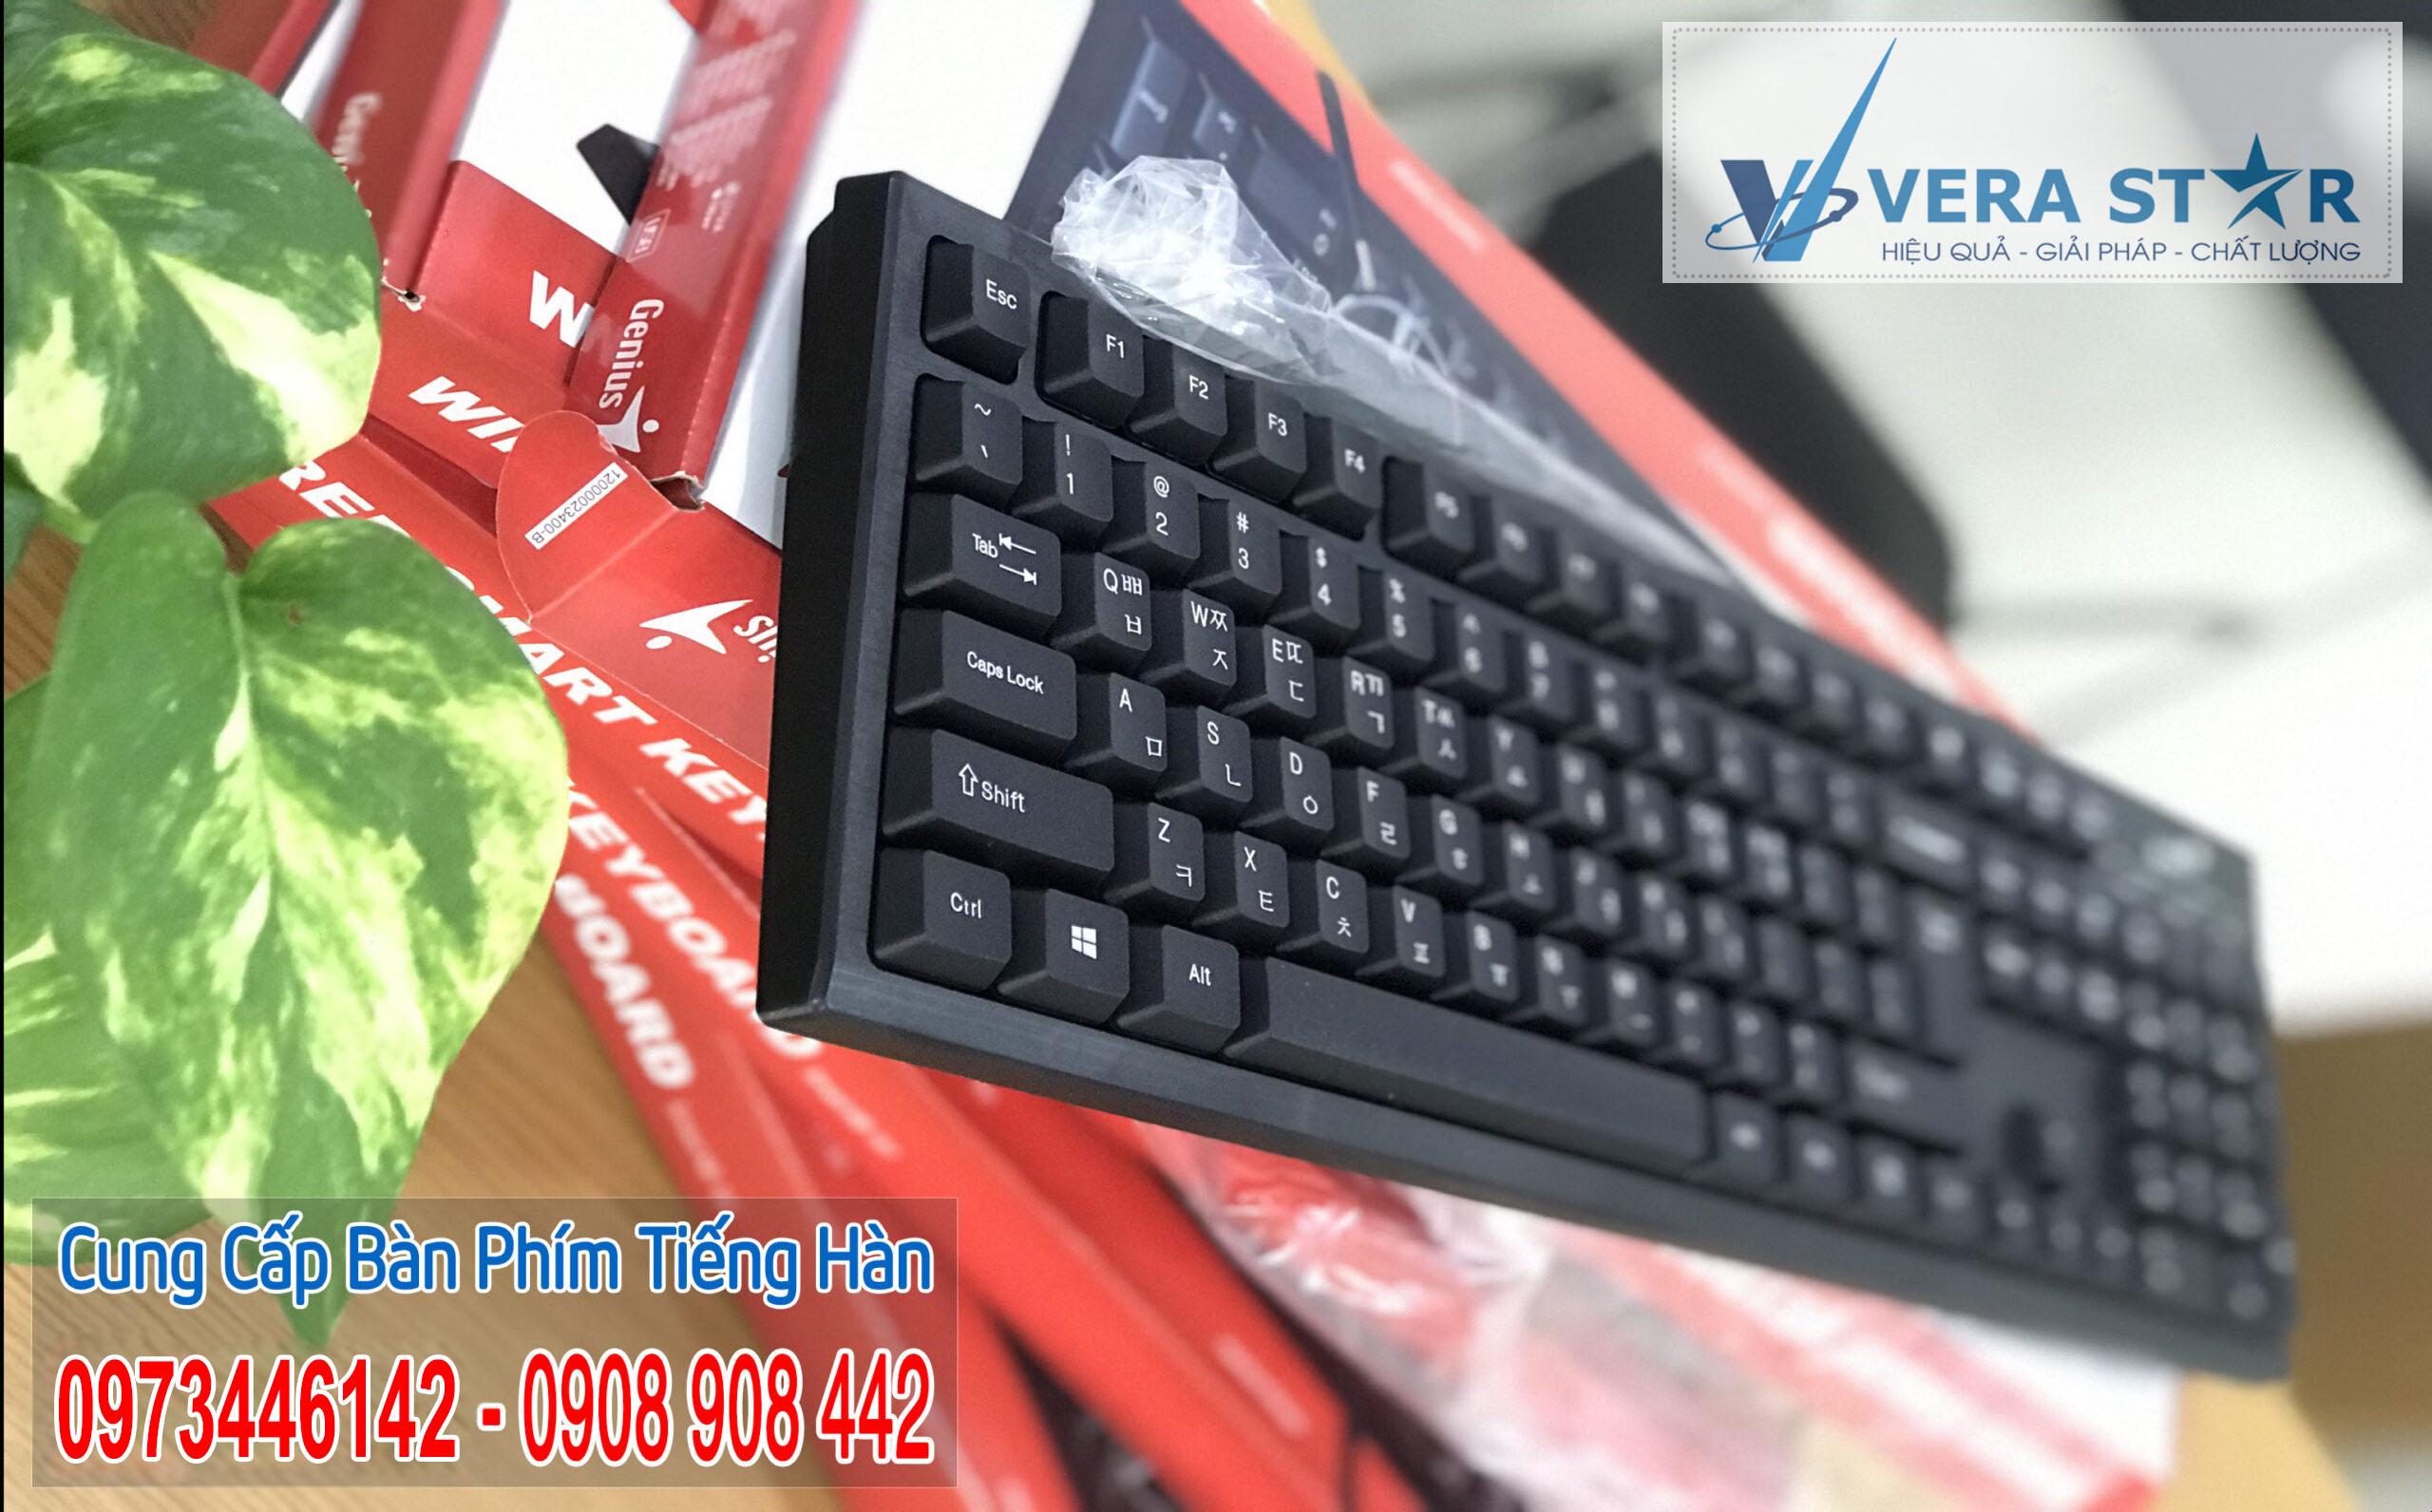 Hướng dẫn cài đặt Bàn Phím Tiếng Hàn dễ chơi Trên máy vi tính